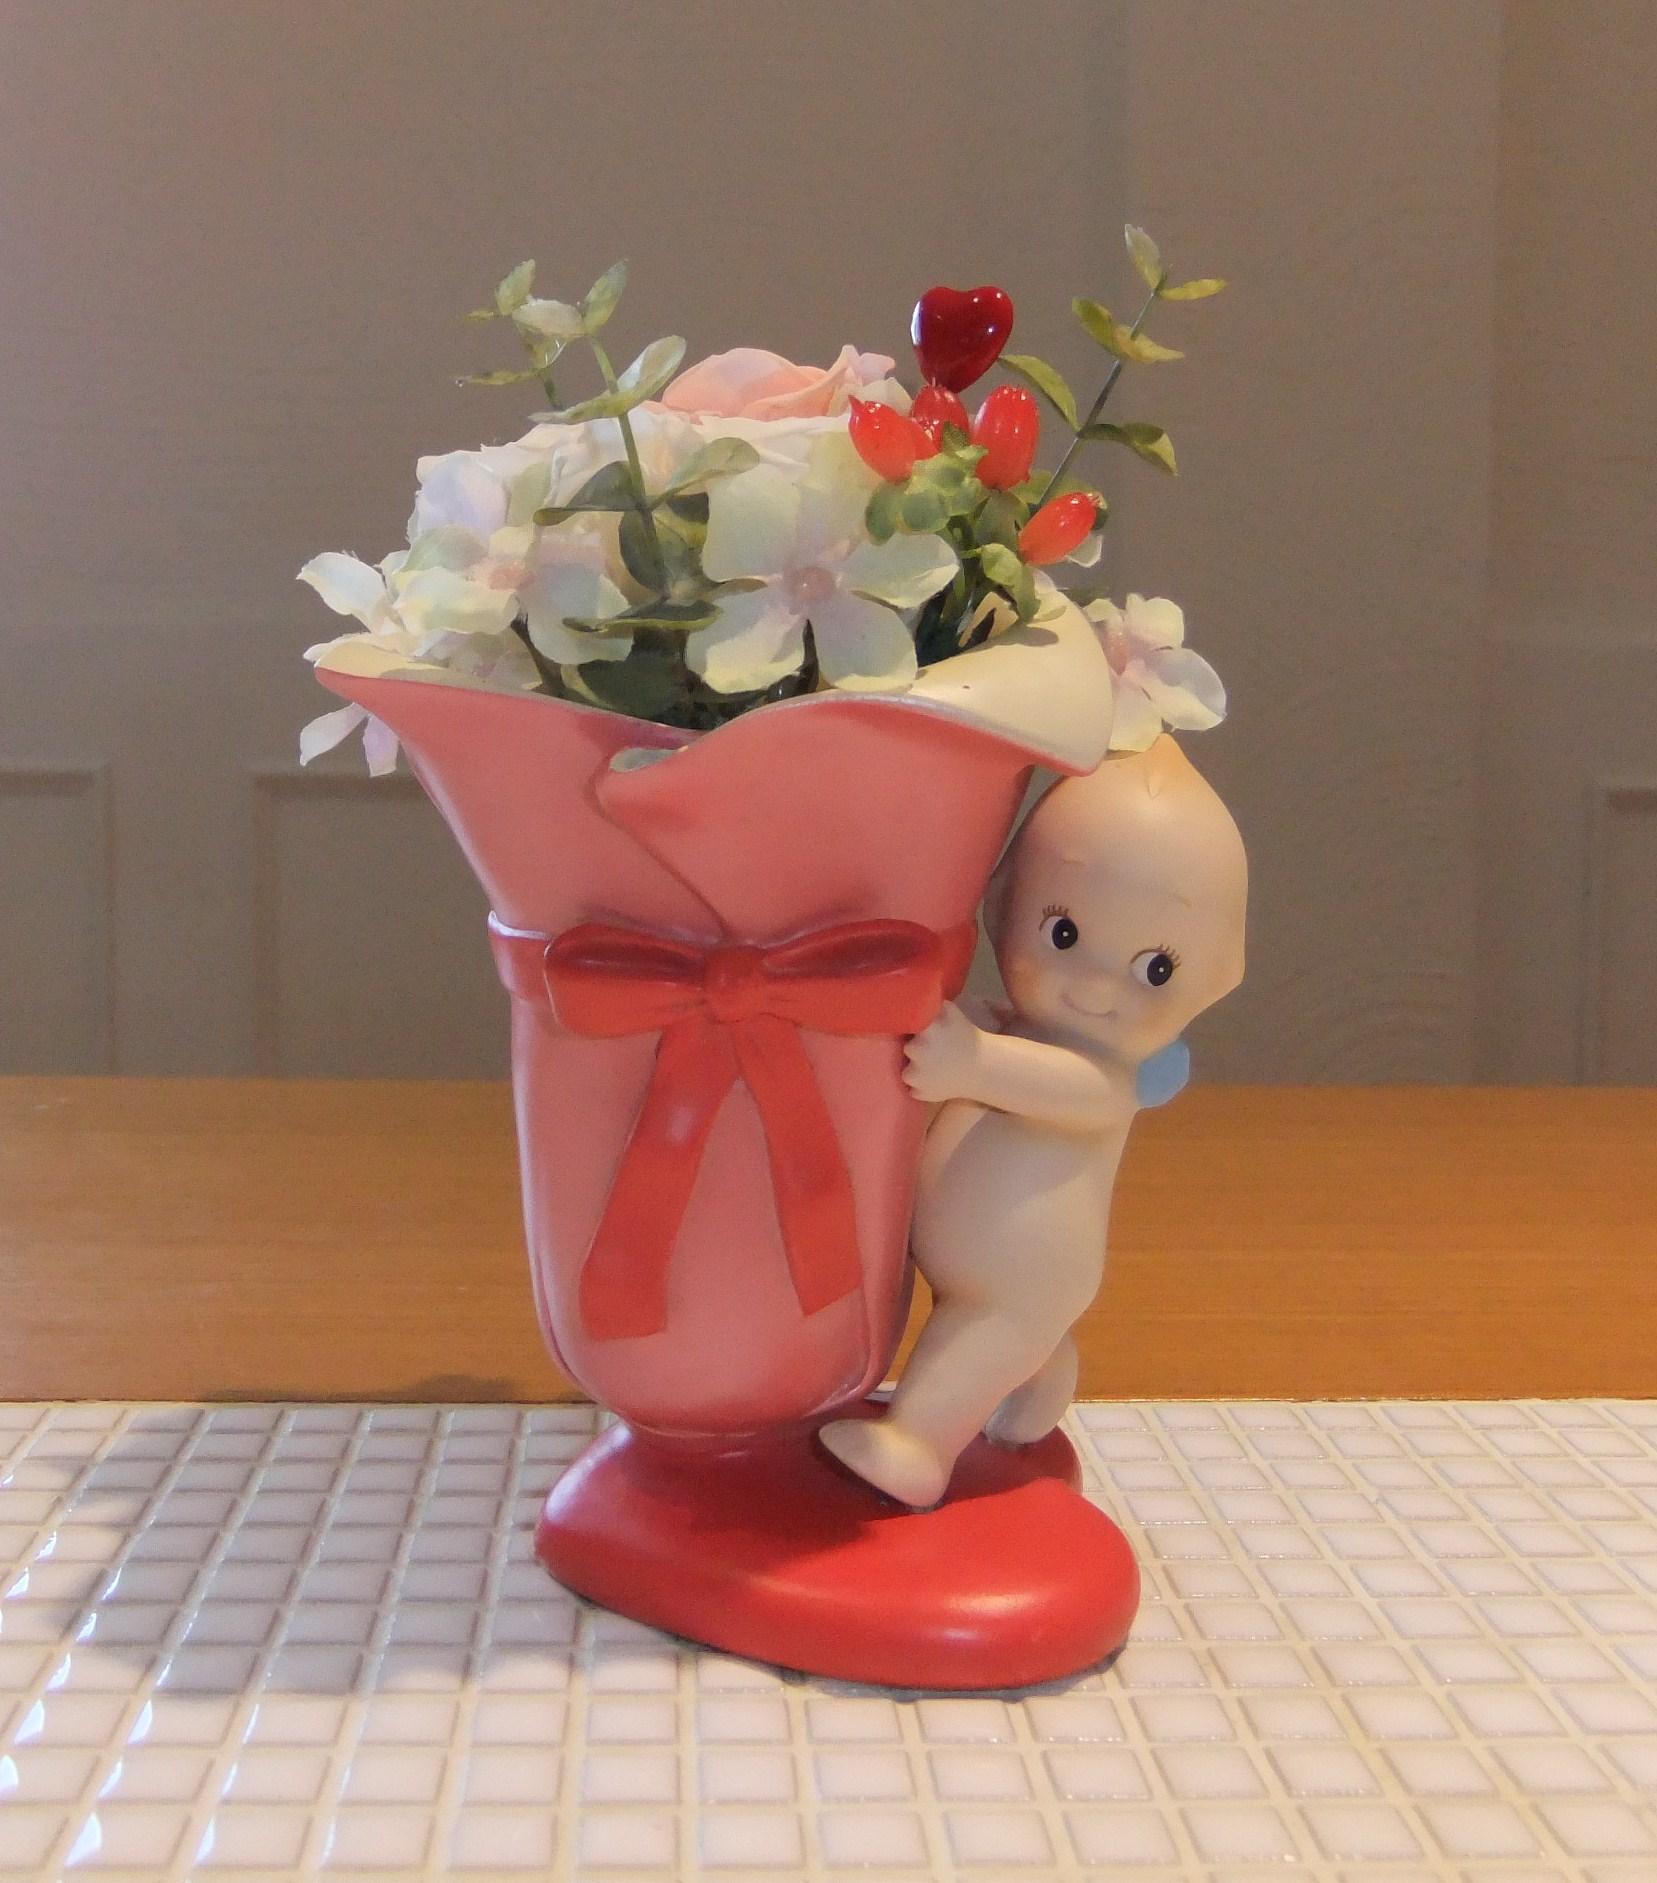 キュートなキューピーの花器にプリザーブドフラワーのアレンジ。誕生日や出産のお祝いに、笑顔を運んでくれます♪